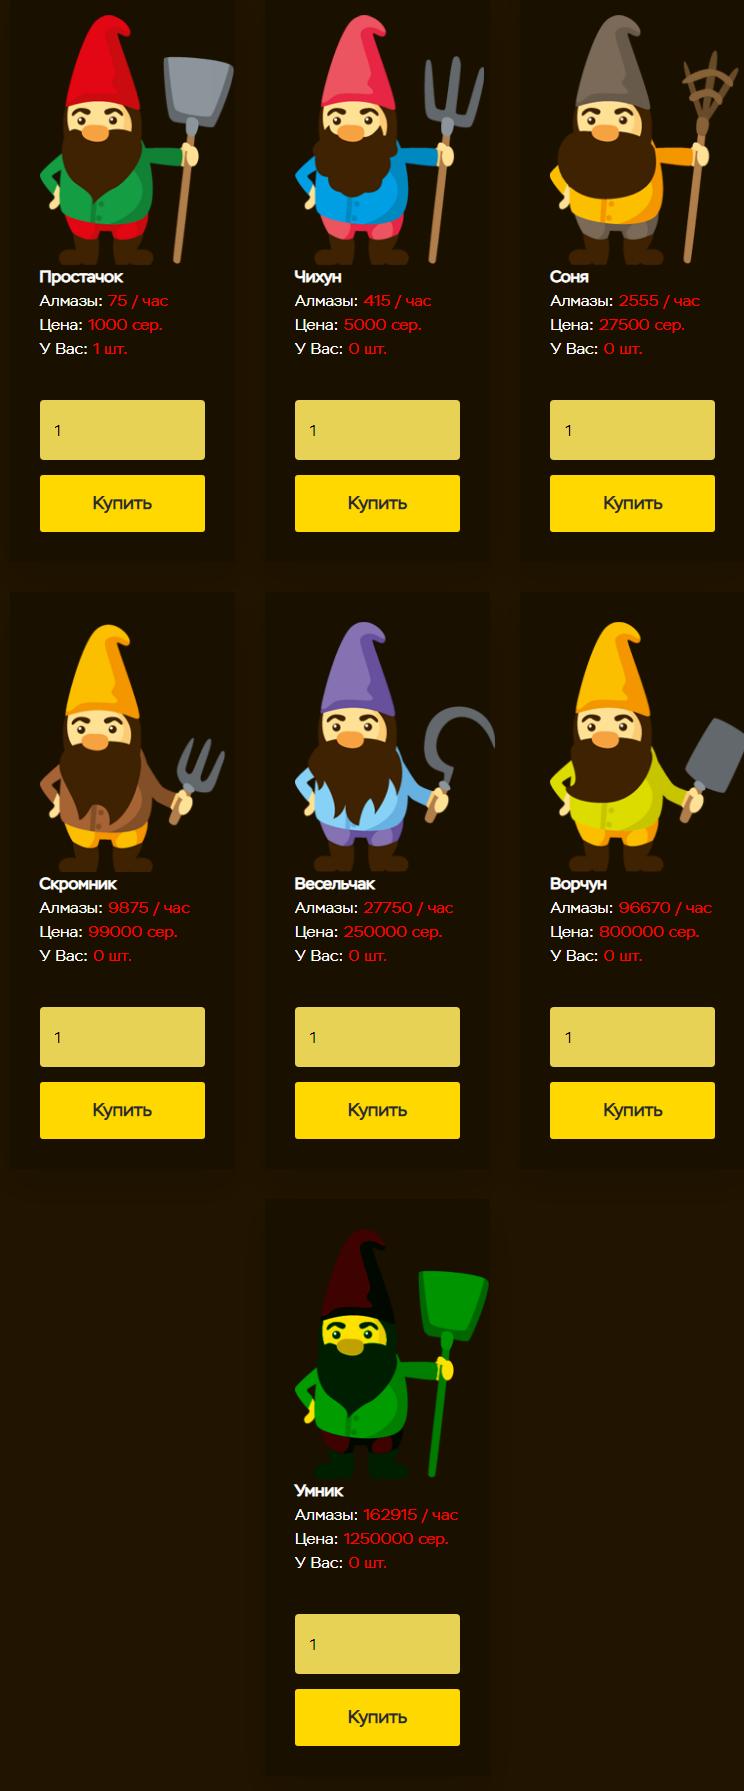 7-Gnomes - 7-gnomes.org - маркетинг игры